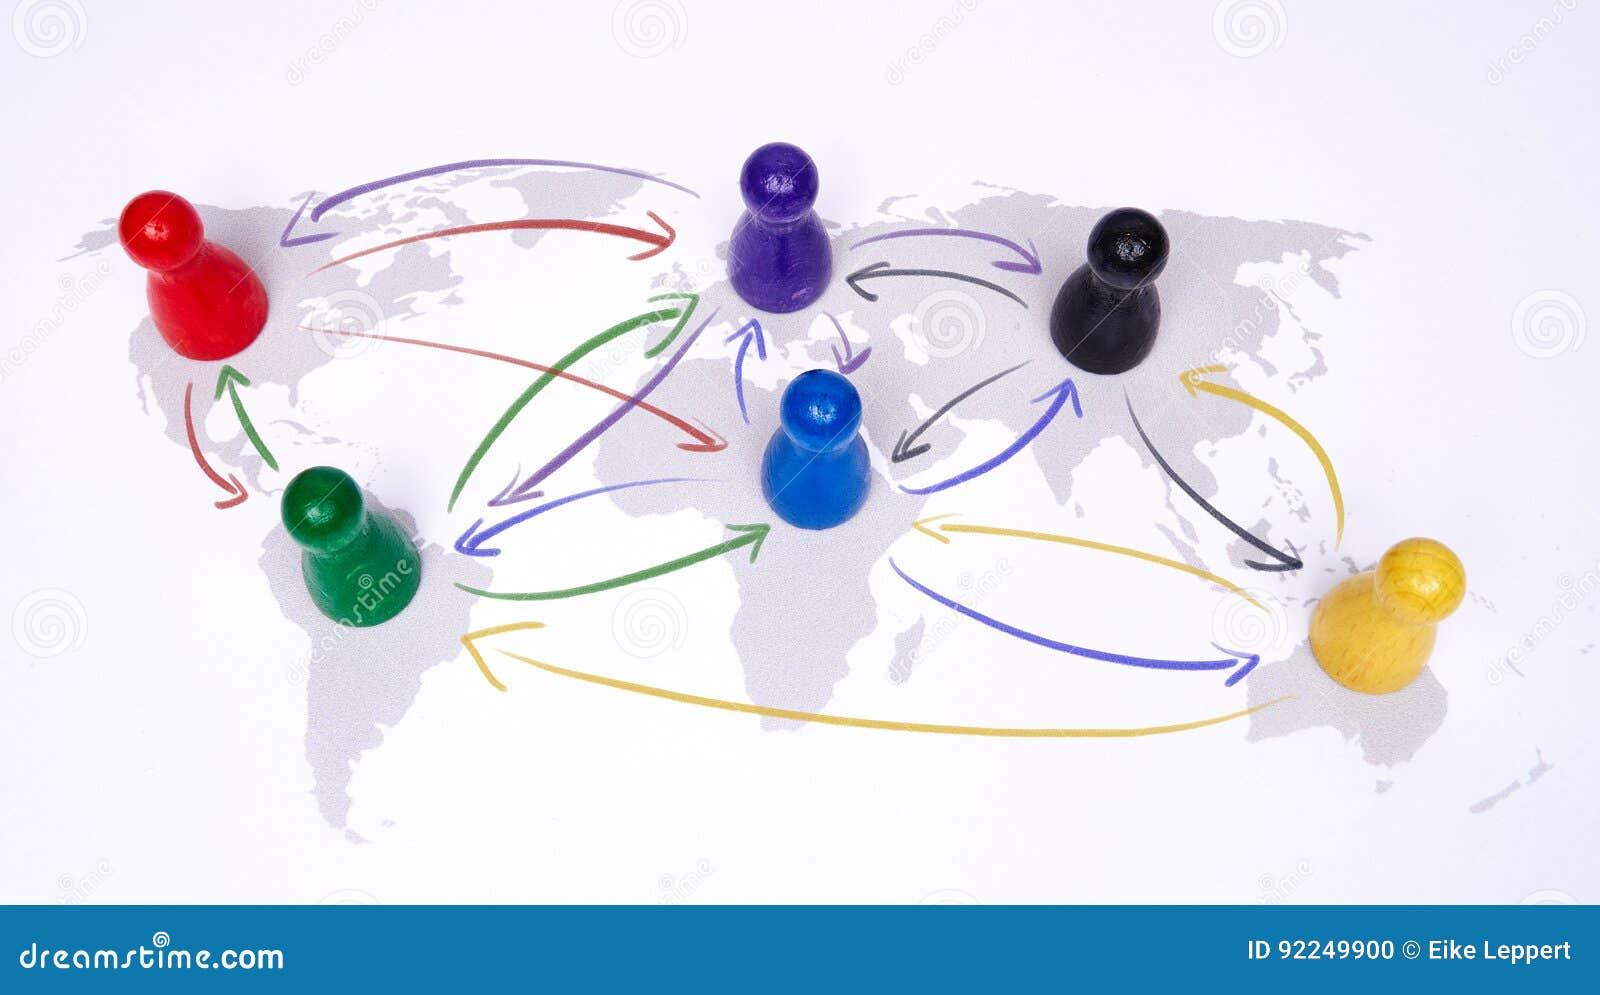 Conceito para a globalização, o negócio global, o curso ou a conexão global Figuras coloridas com setas de conexão